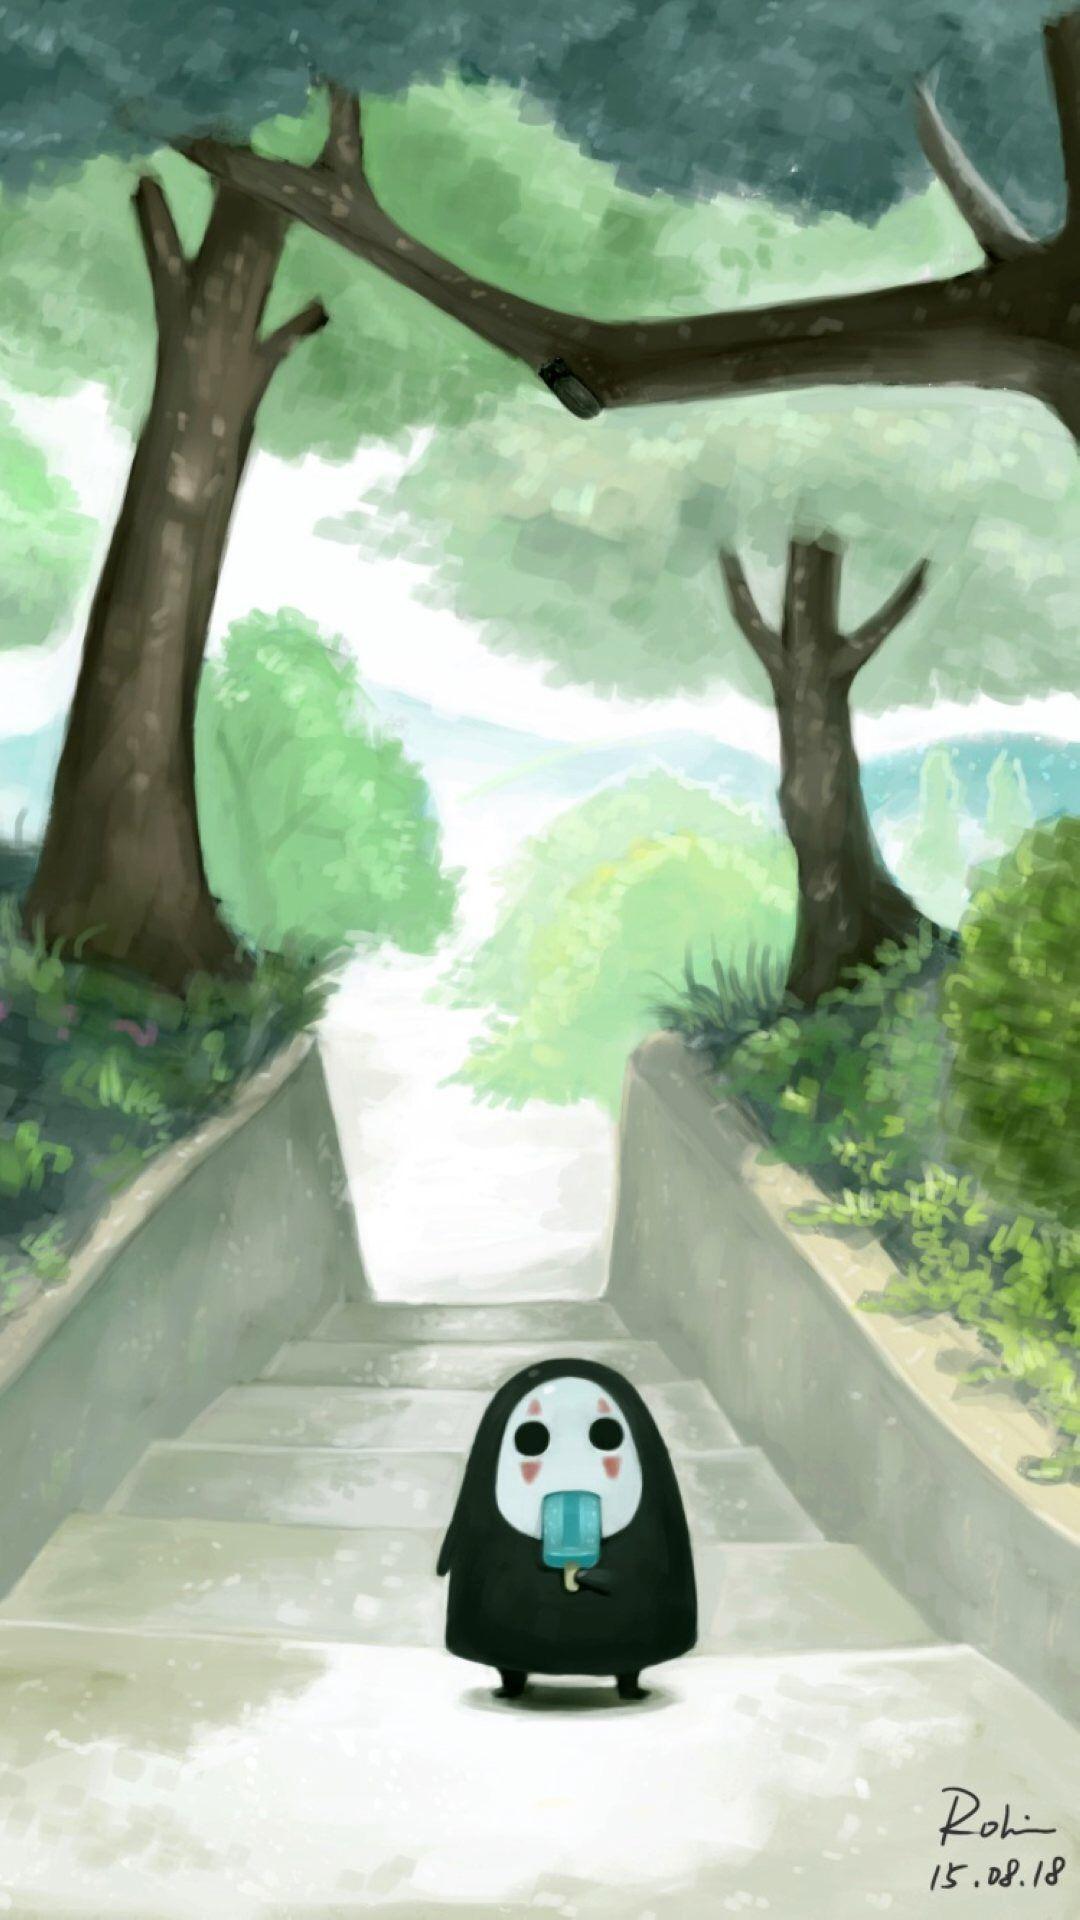 Kaonashi (No face) Spirited Away Anime, Hoạt hình, Totoro